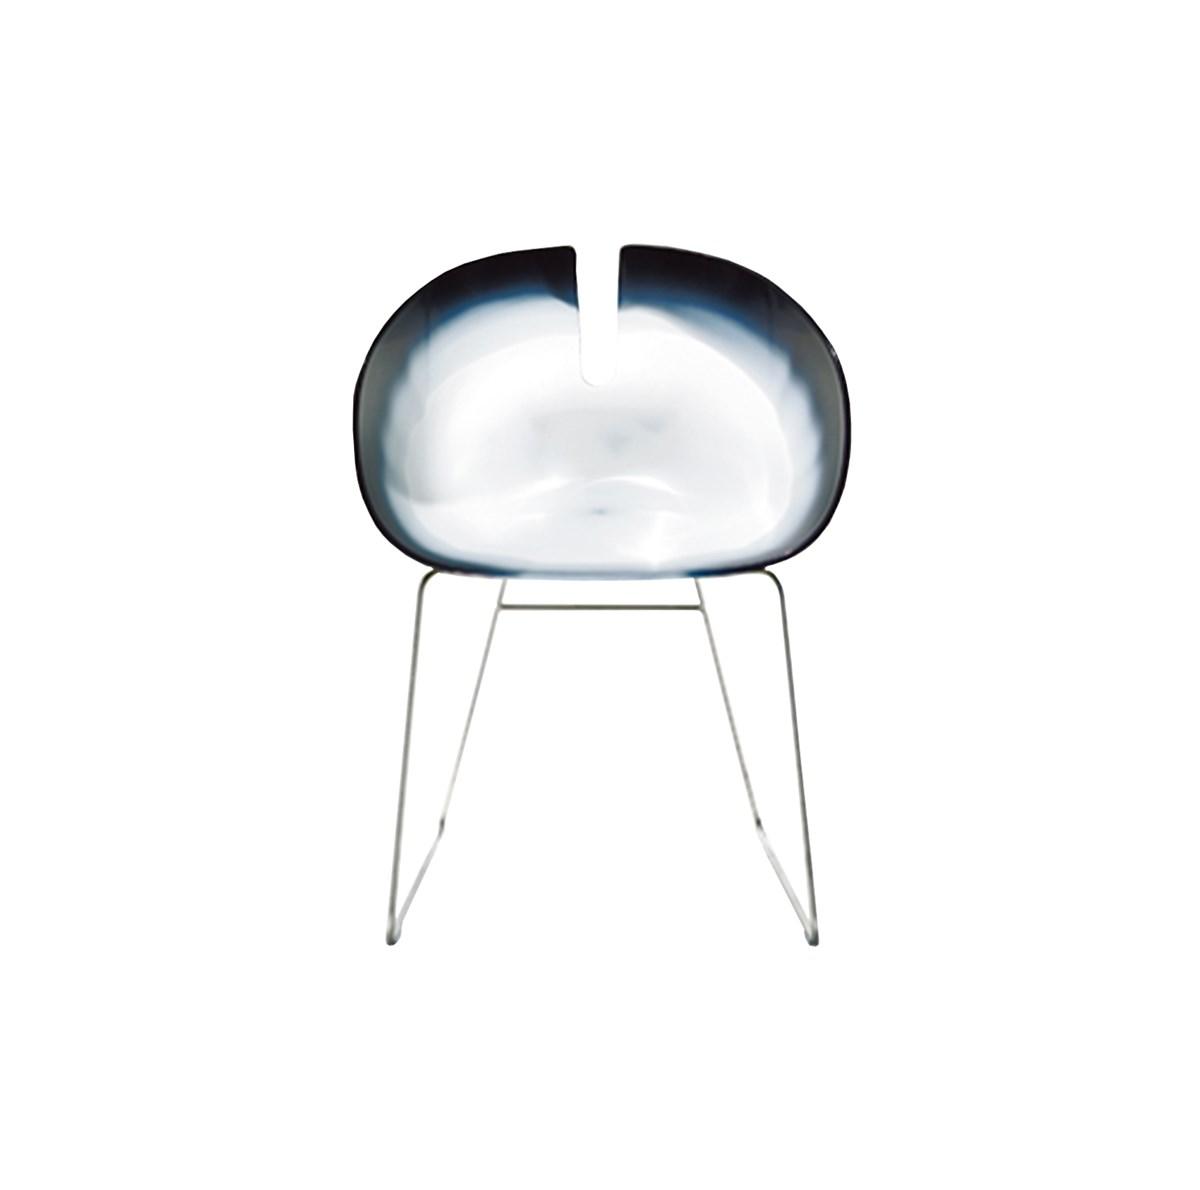 Moroso-Patricia-Urquiola-Fjord-H-Chair-Matisse-1